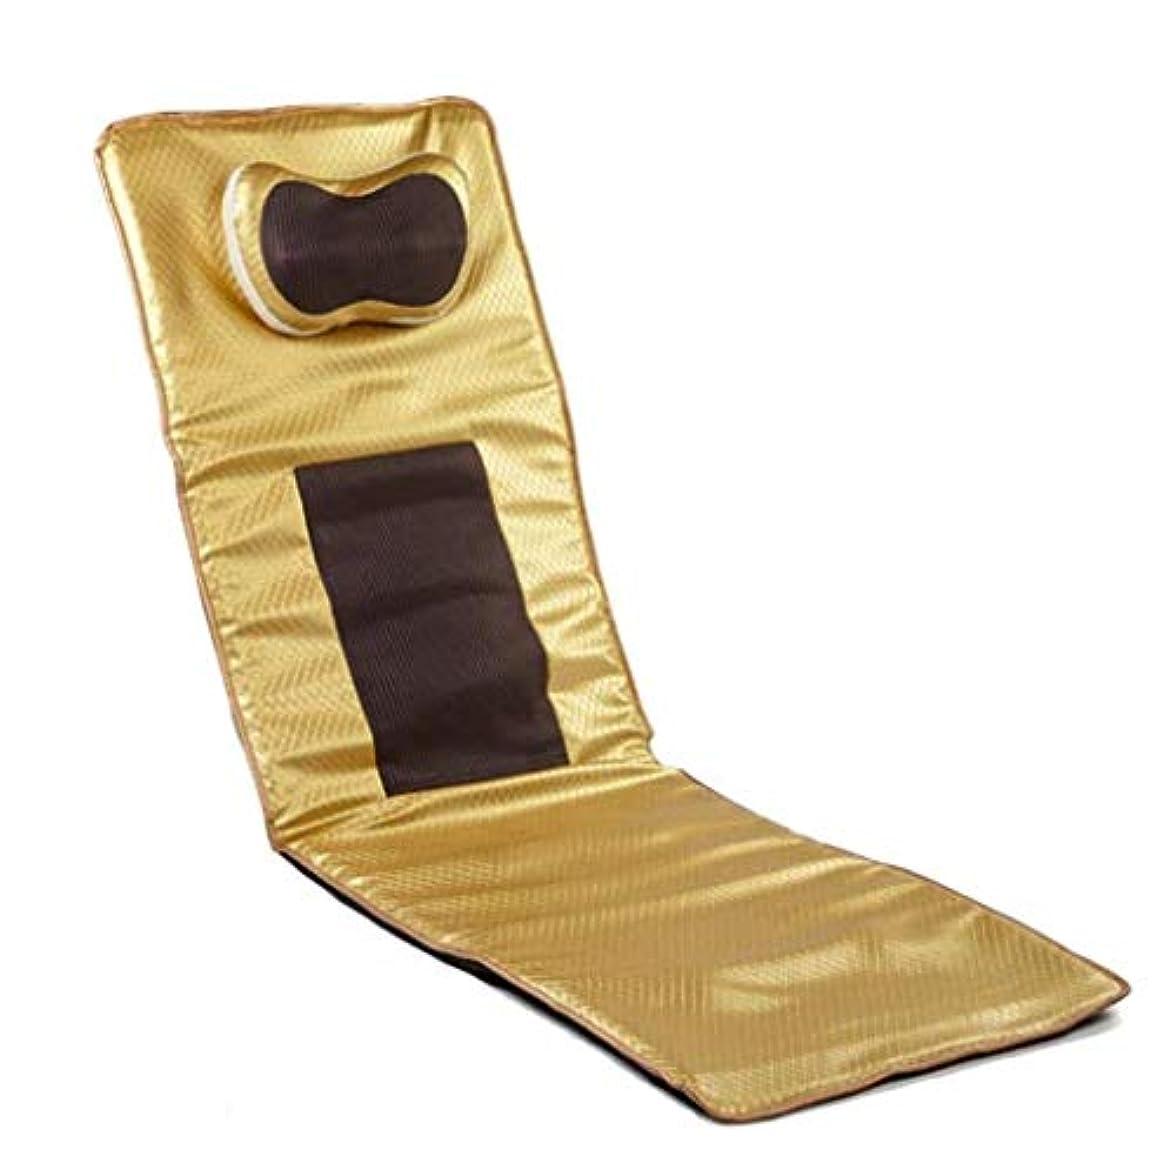 有効化フクロウこだわり電気マッサージクッション、全身加熱マッサージクッション、マッサージ枕付き、折り畳み式の多機能電気マッサージマットレス、痛み/圧力を和らげる